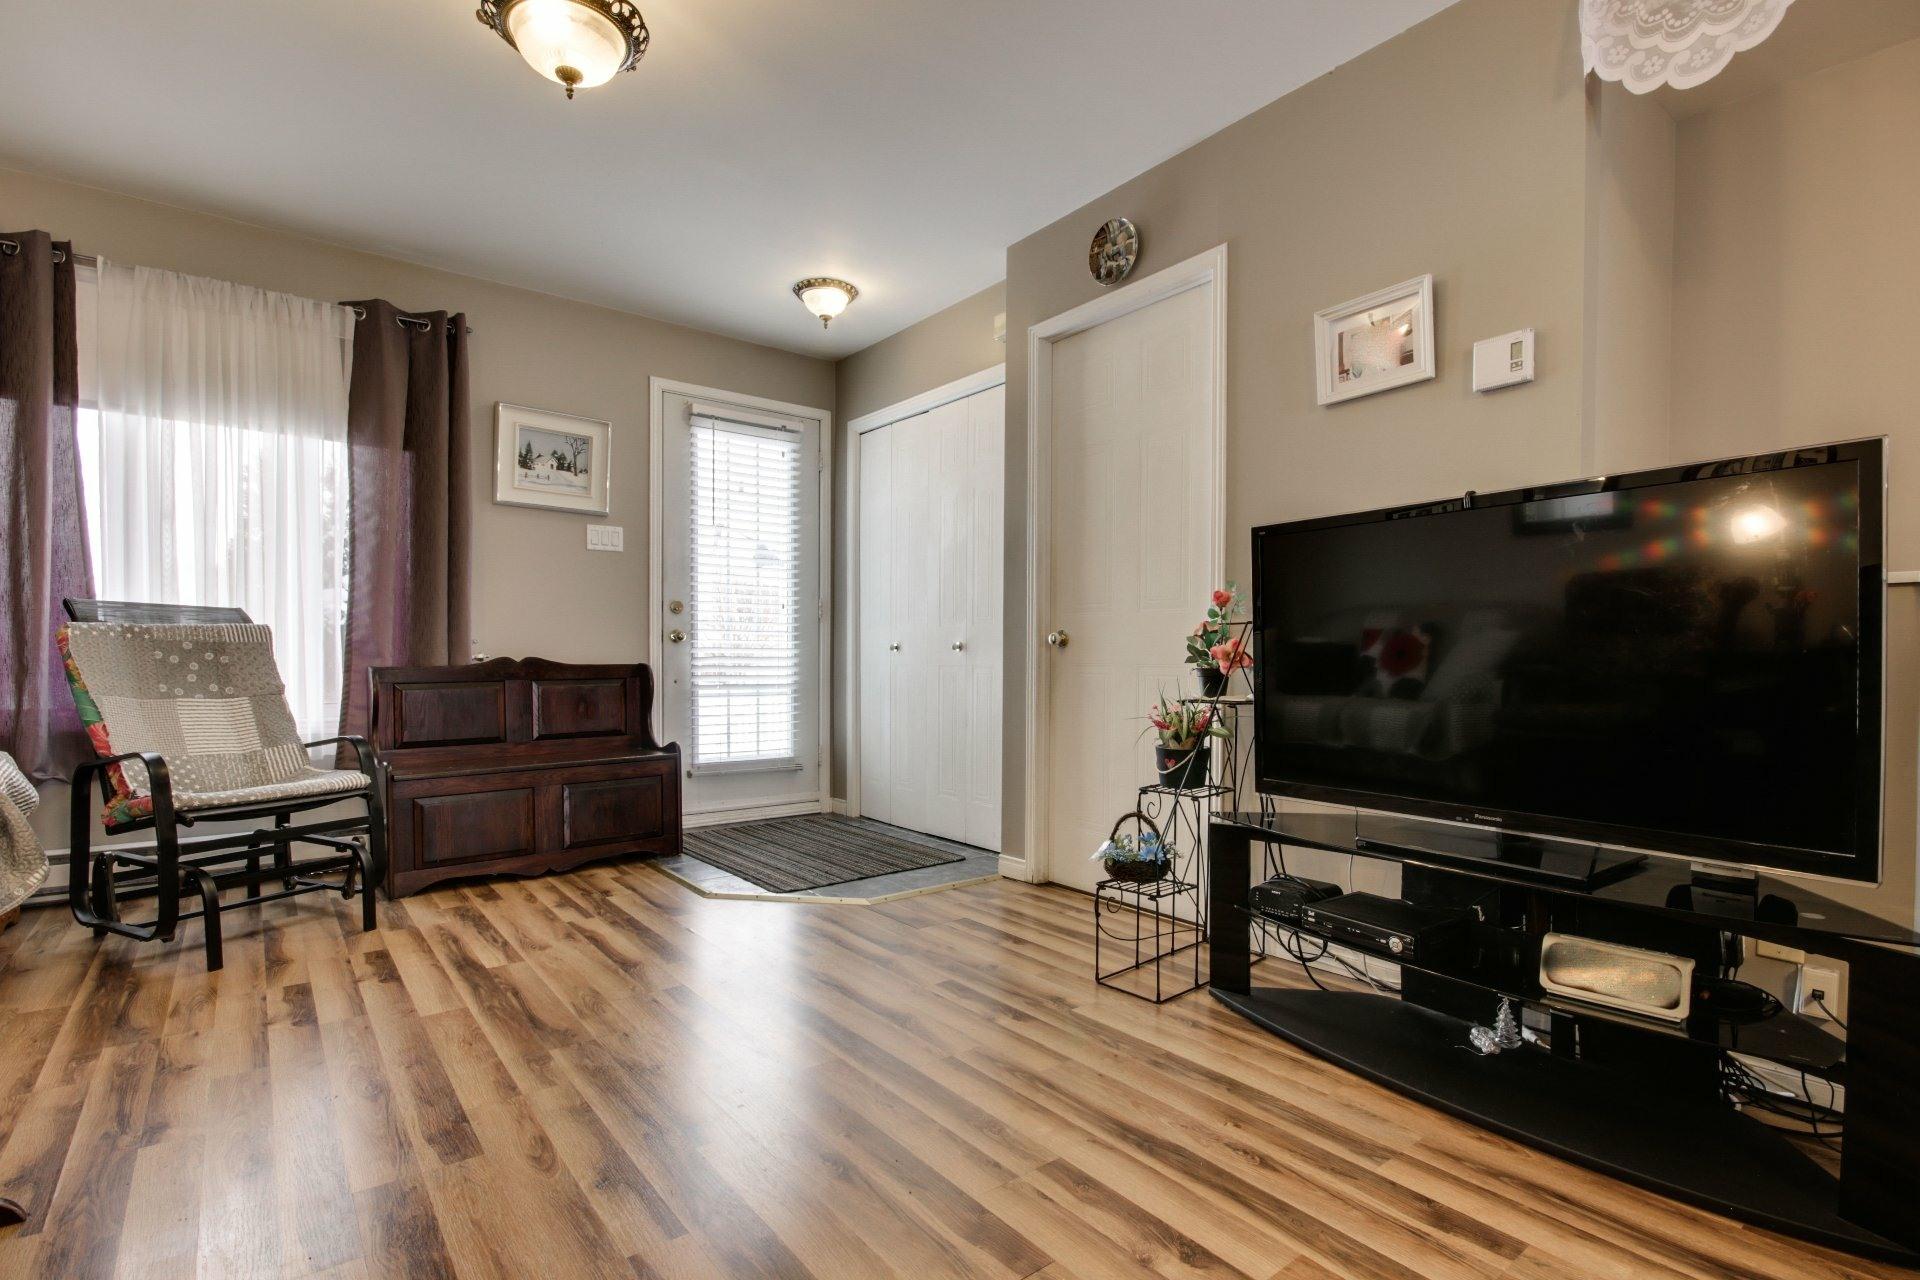 image 5 - House For sale Trois-Rivières - 10 rooms